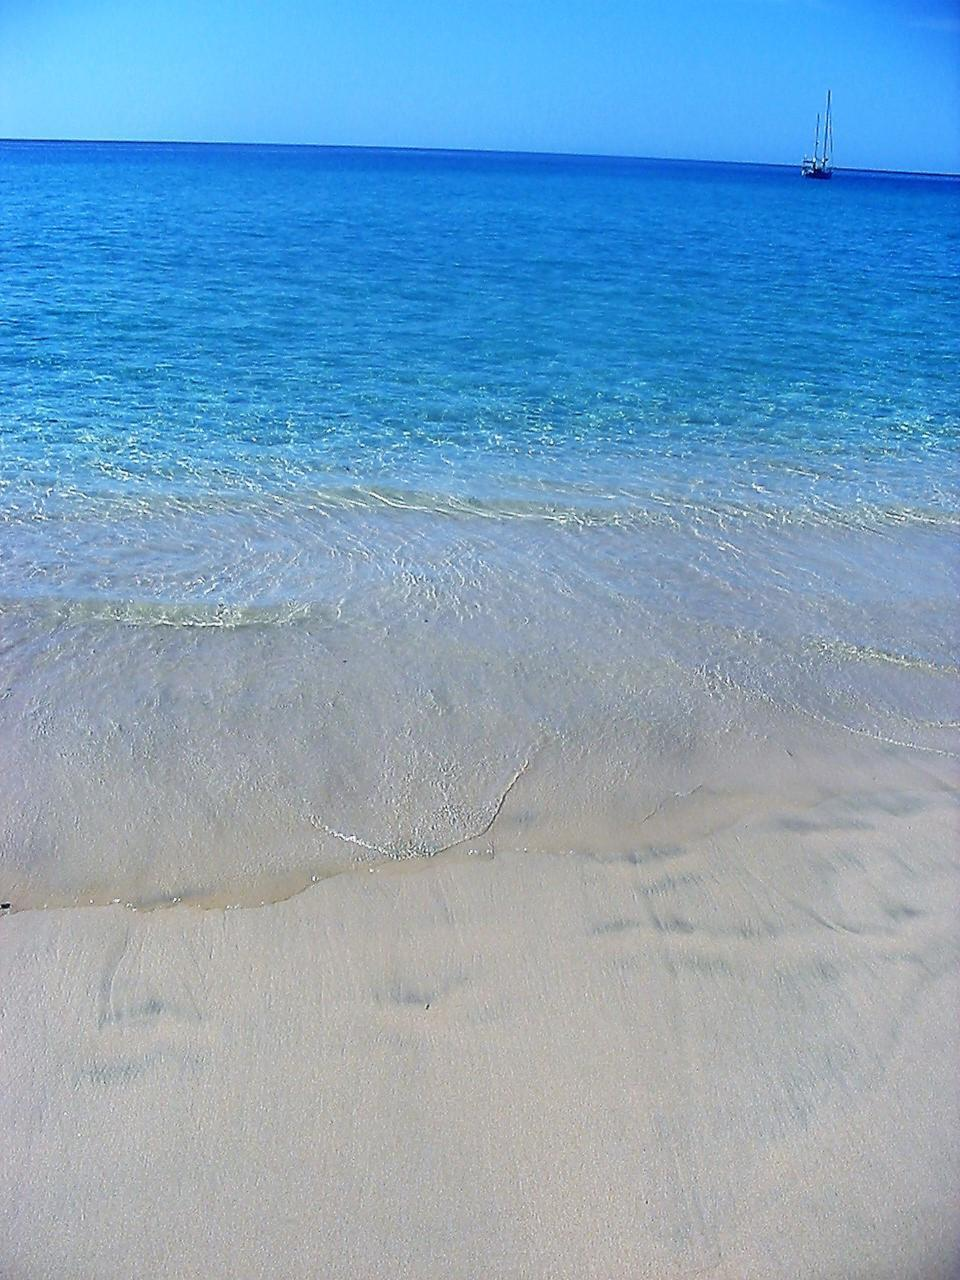 Ferienwohnung Apartment 2 / 4er Direkt am Meer, mit Blick auf den Strand, Schwimmbäder, ausgestattet. WI (634890), Morro Jable, Fuerteventura, Kanarische Inseln, Spanien, Bild 31